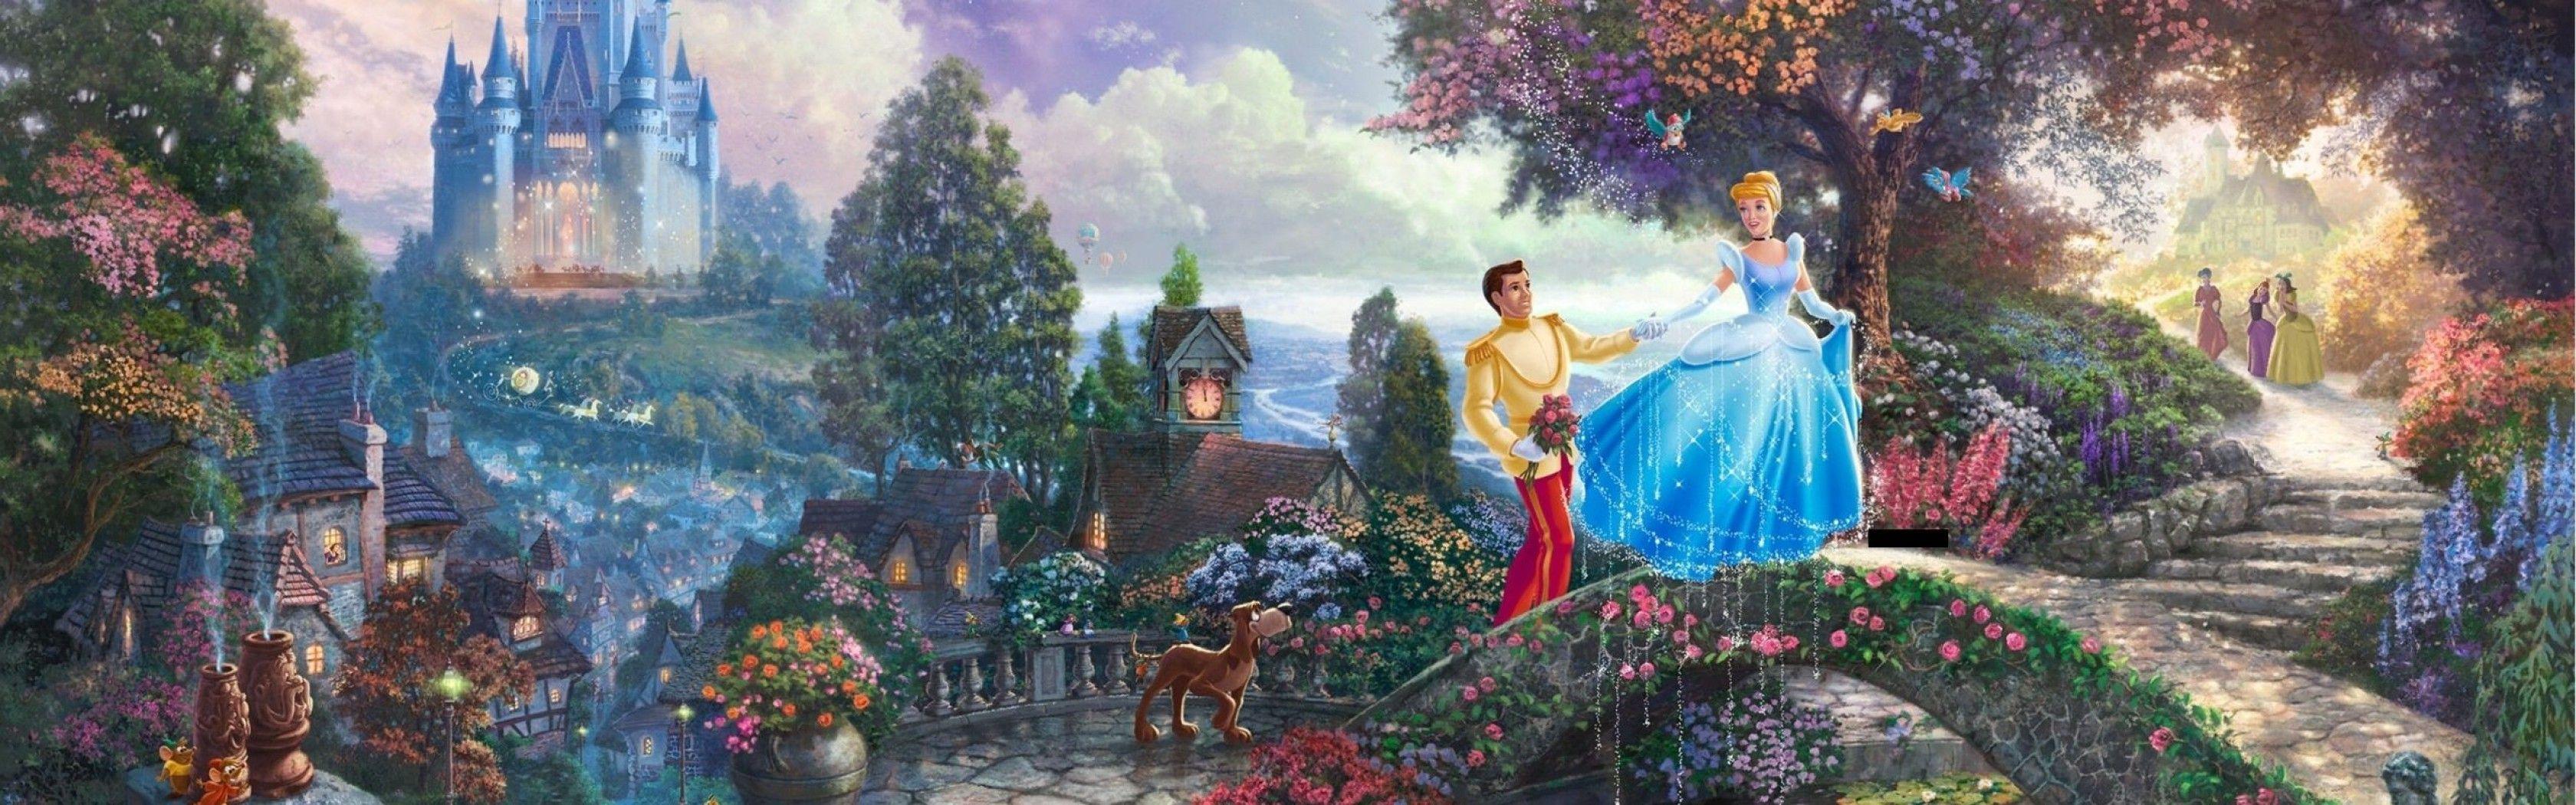 Thomas Kinkade Disney Wallpapers 3360x1050